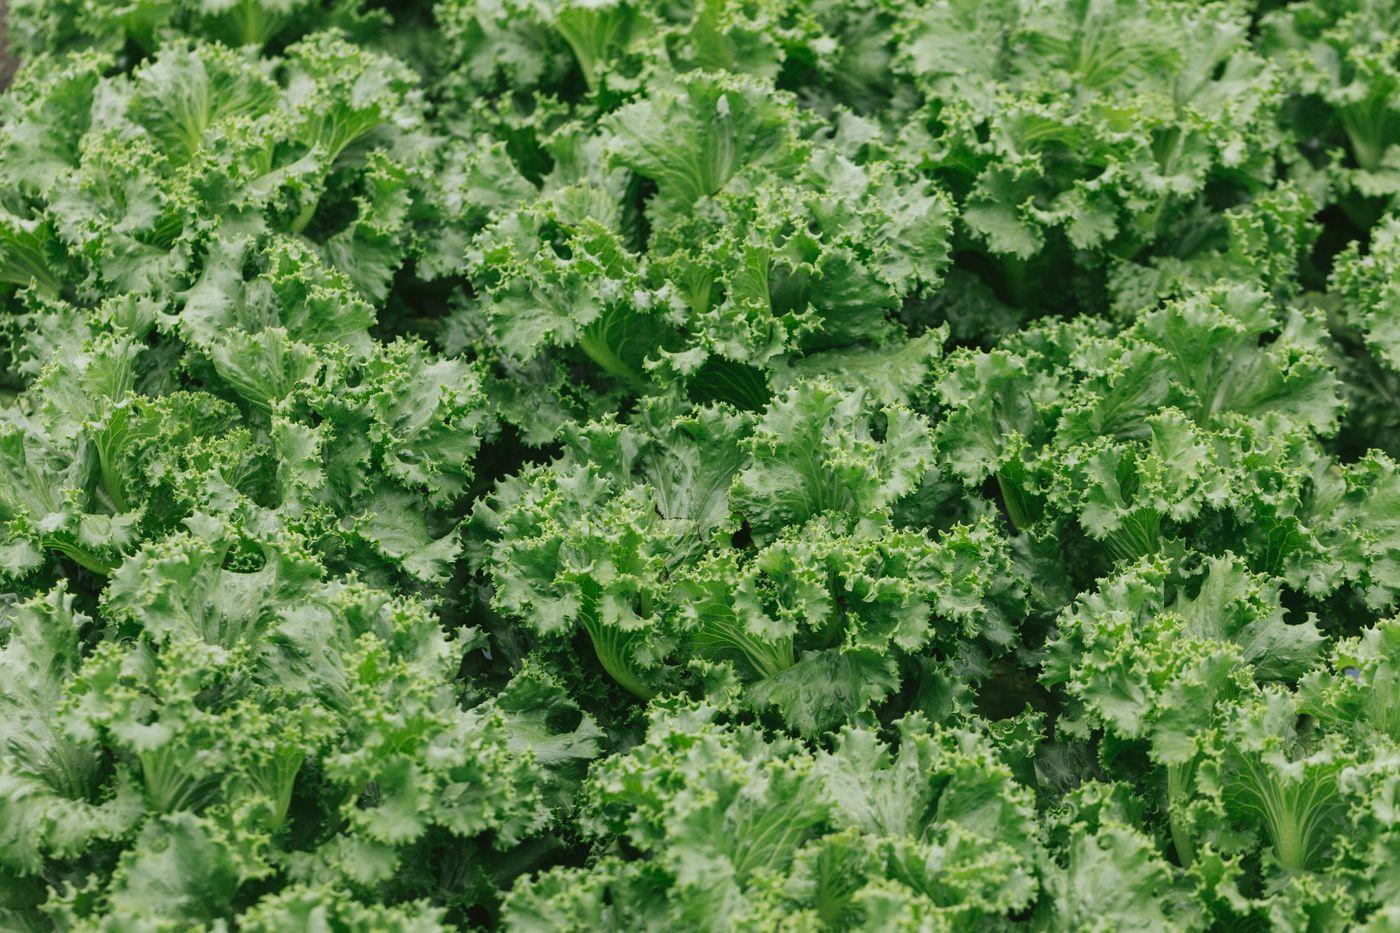 大刀洗の土壌で育てられたリーフレタス(サニーレタス)の写真